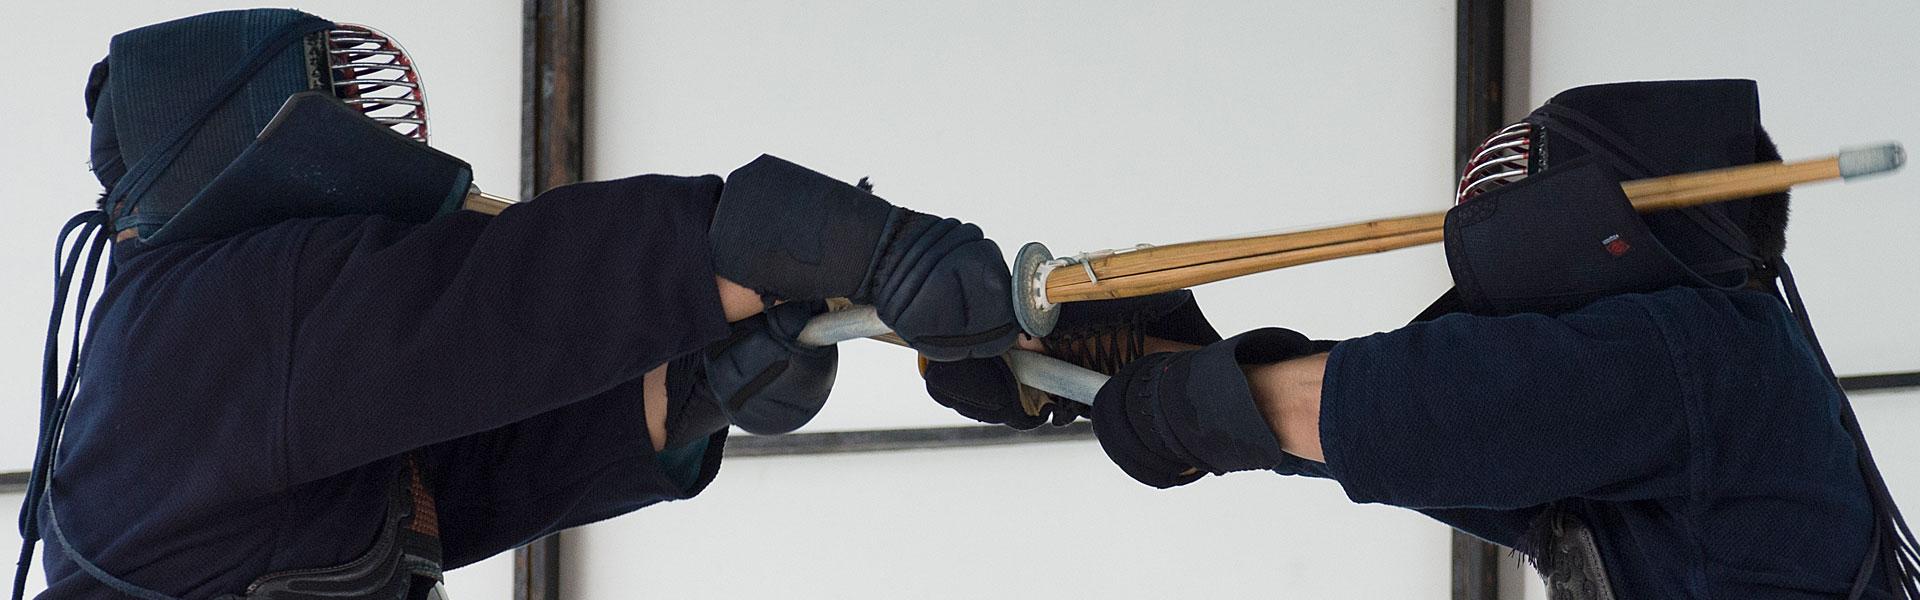 Kendo-1920x600